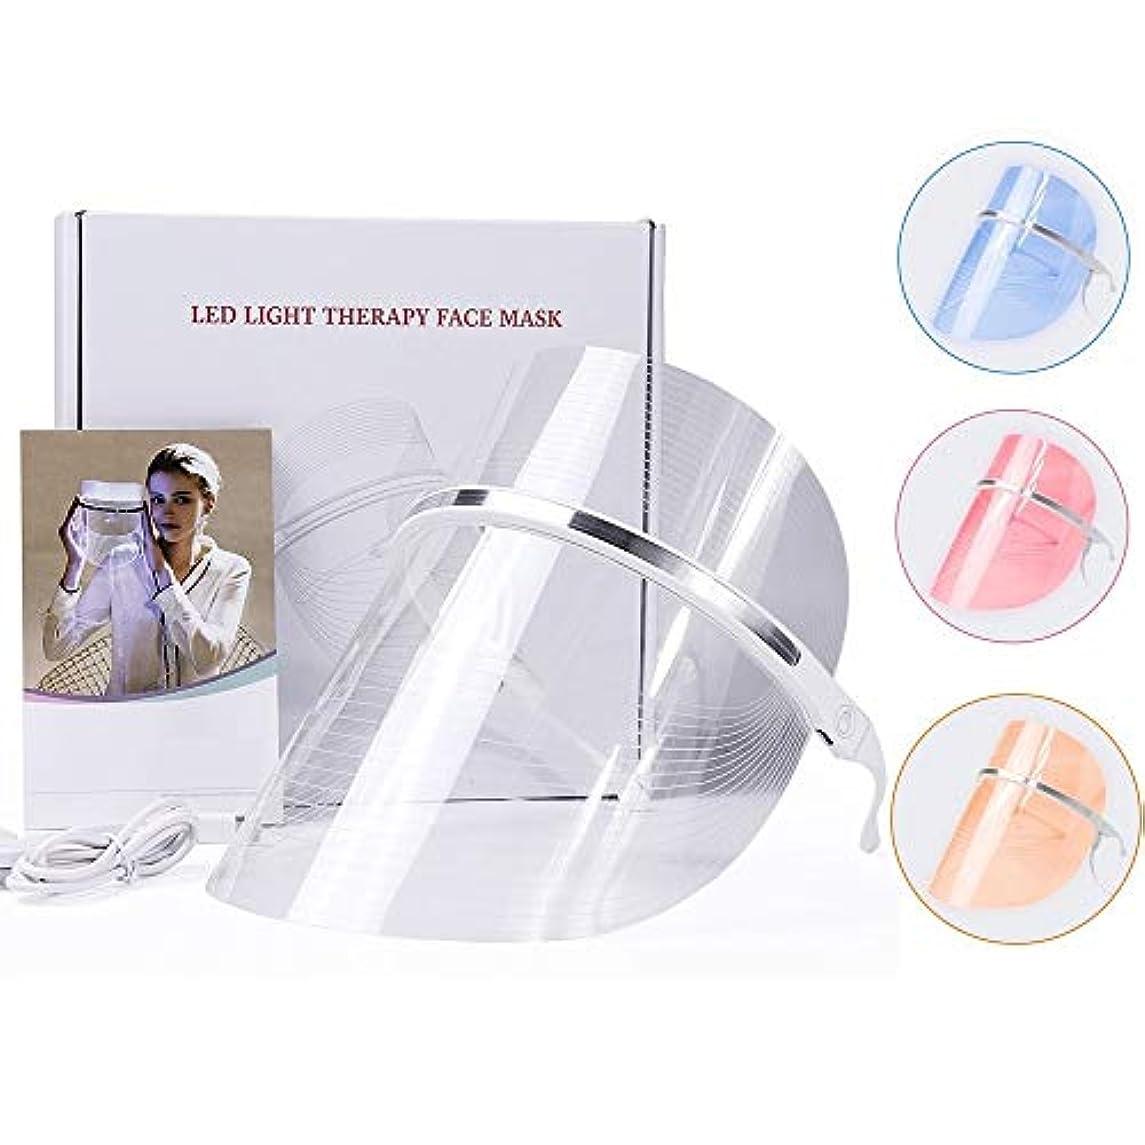 ドーム小川磁石Facial Mask LED Light 3 Colors Women Beauty Face Care Mask USB Rechargeable Therapy Light Photon Whitening Firming...